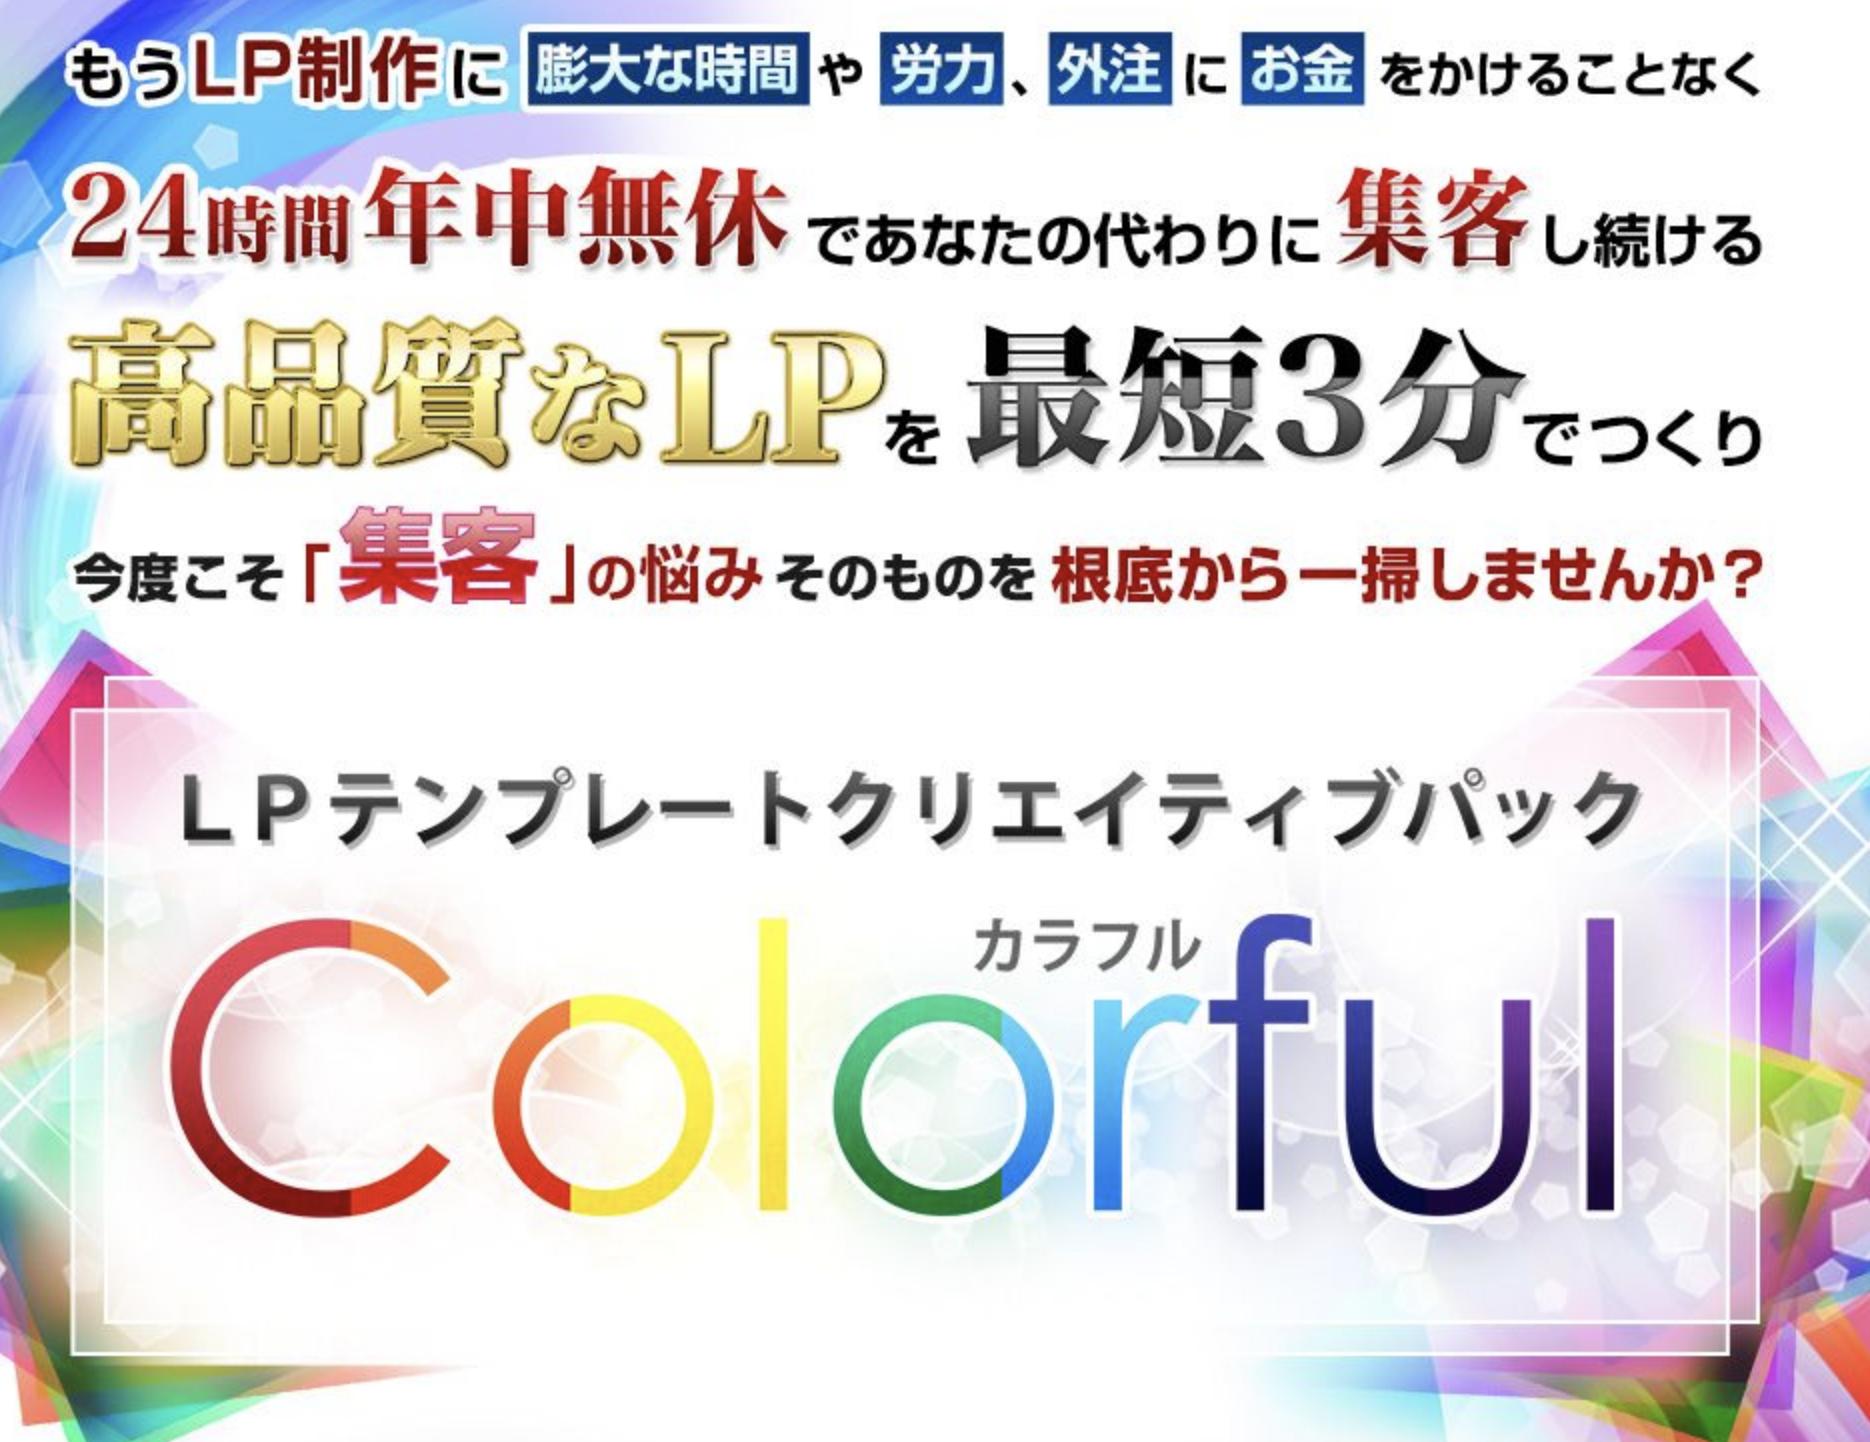 LP ランディングページ colorful カラフル